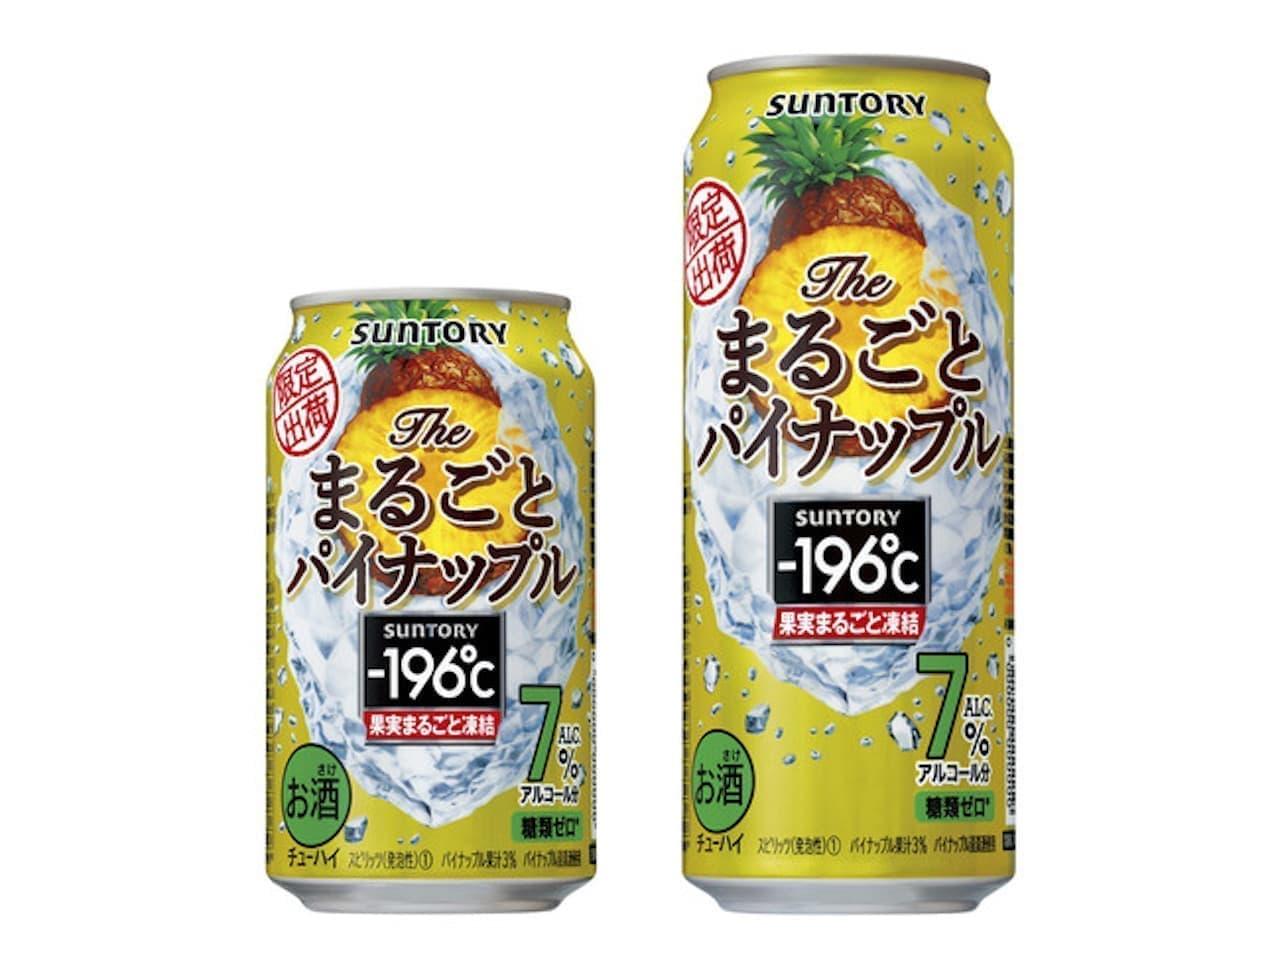 期間限定「−196℃ 〈ザ・まるごとパイナップル〉」